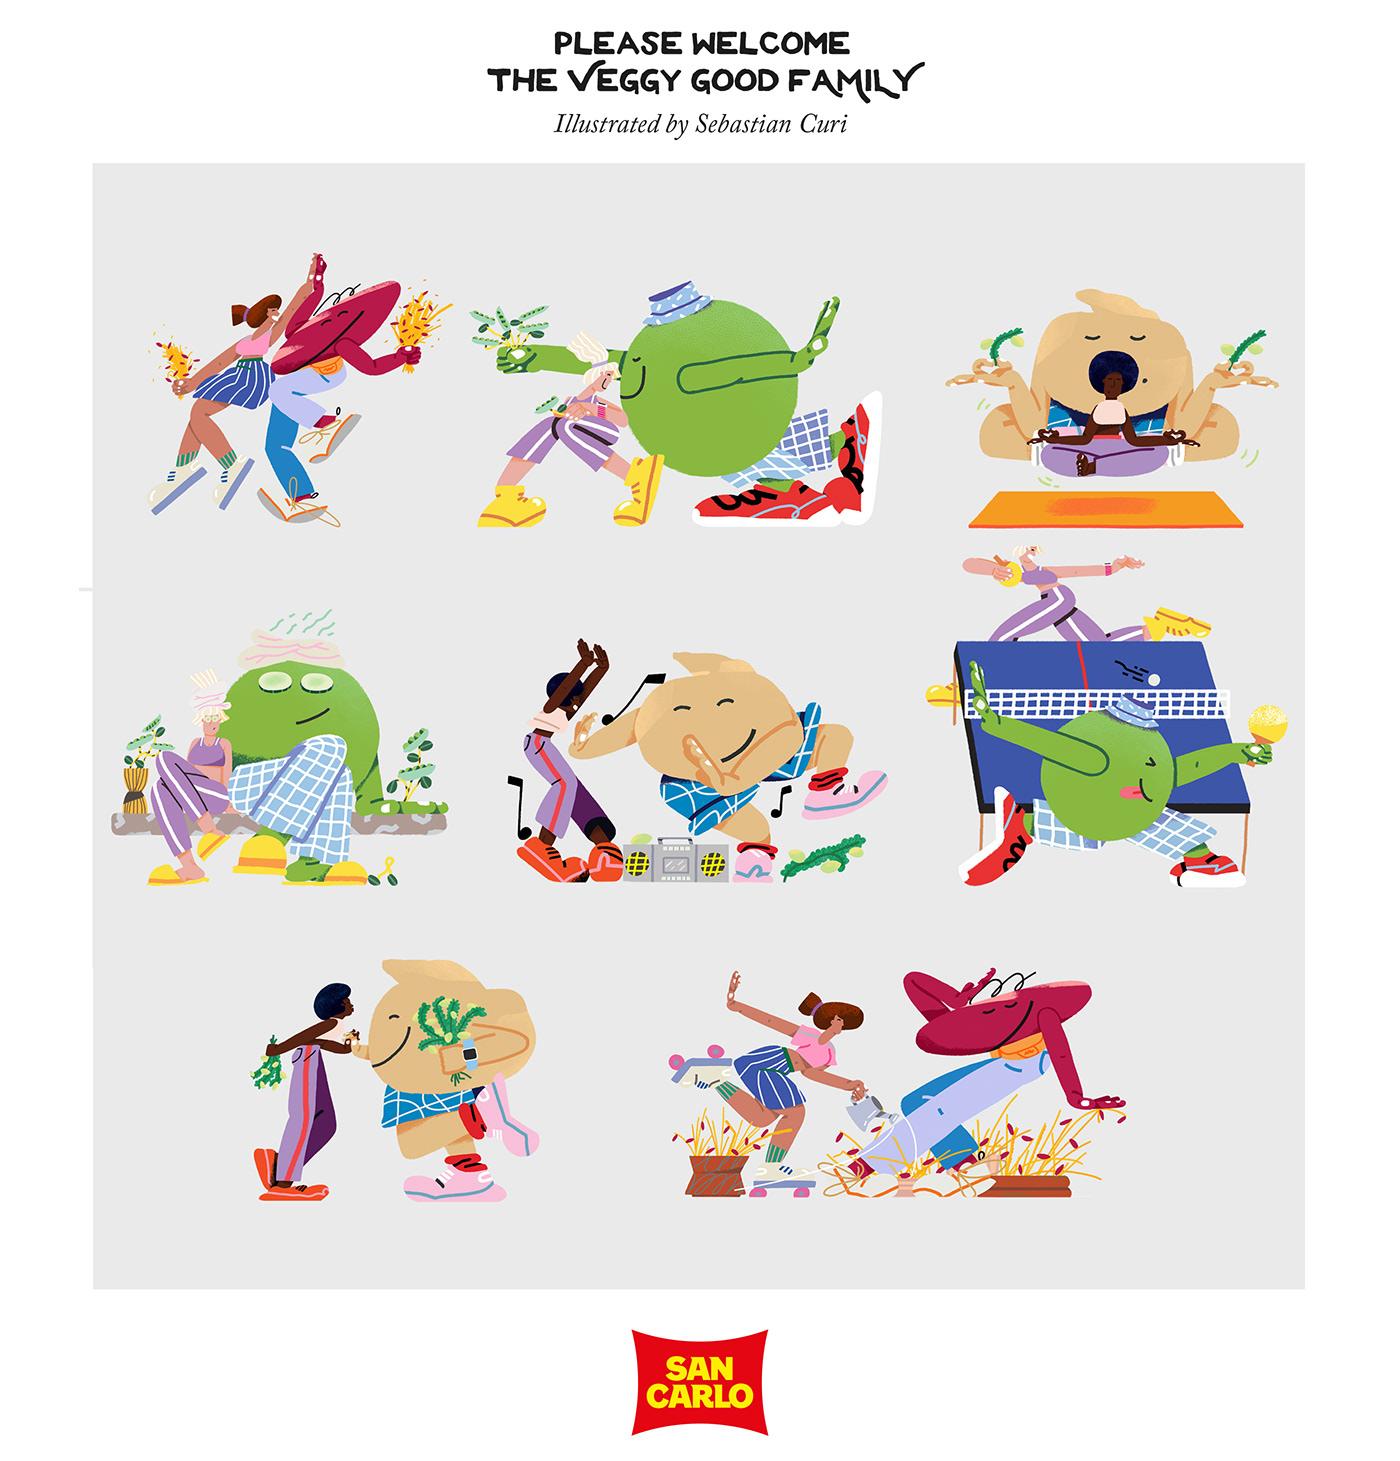 Advertising  chips design digital Food  healthy ILLUSTRATION  noruwei noruweistudio vegan